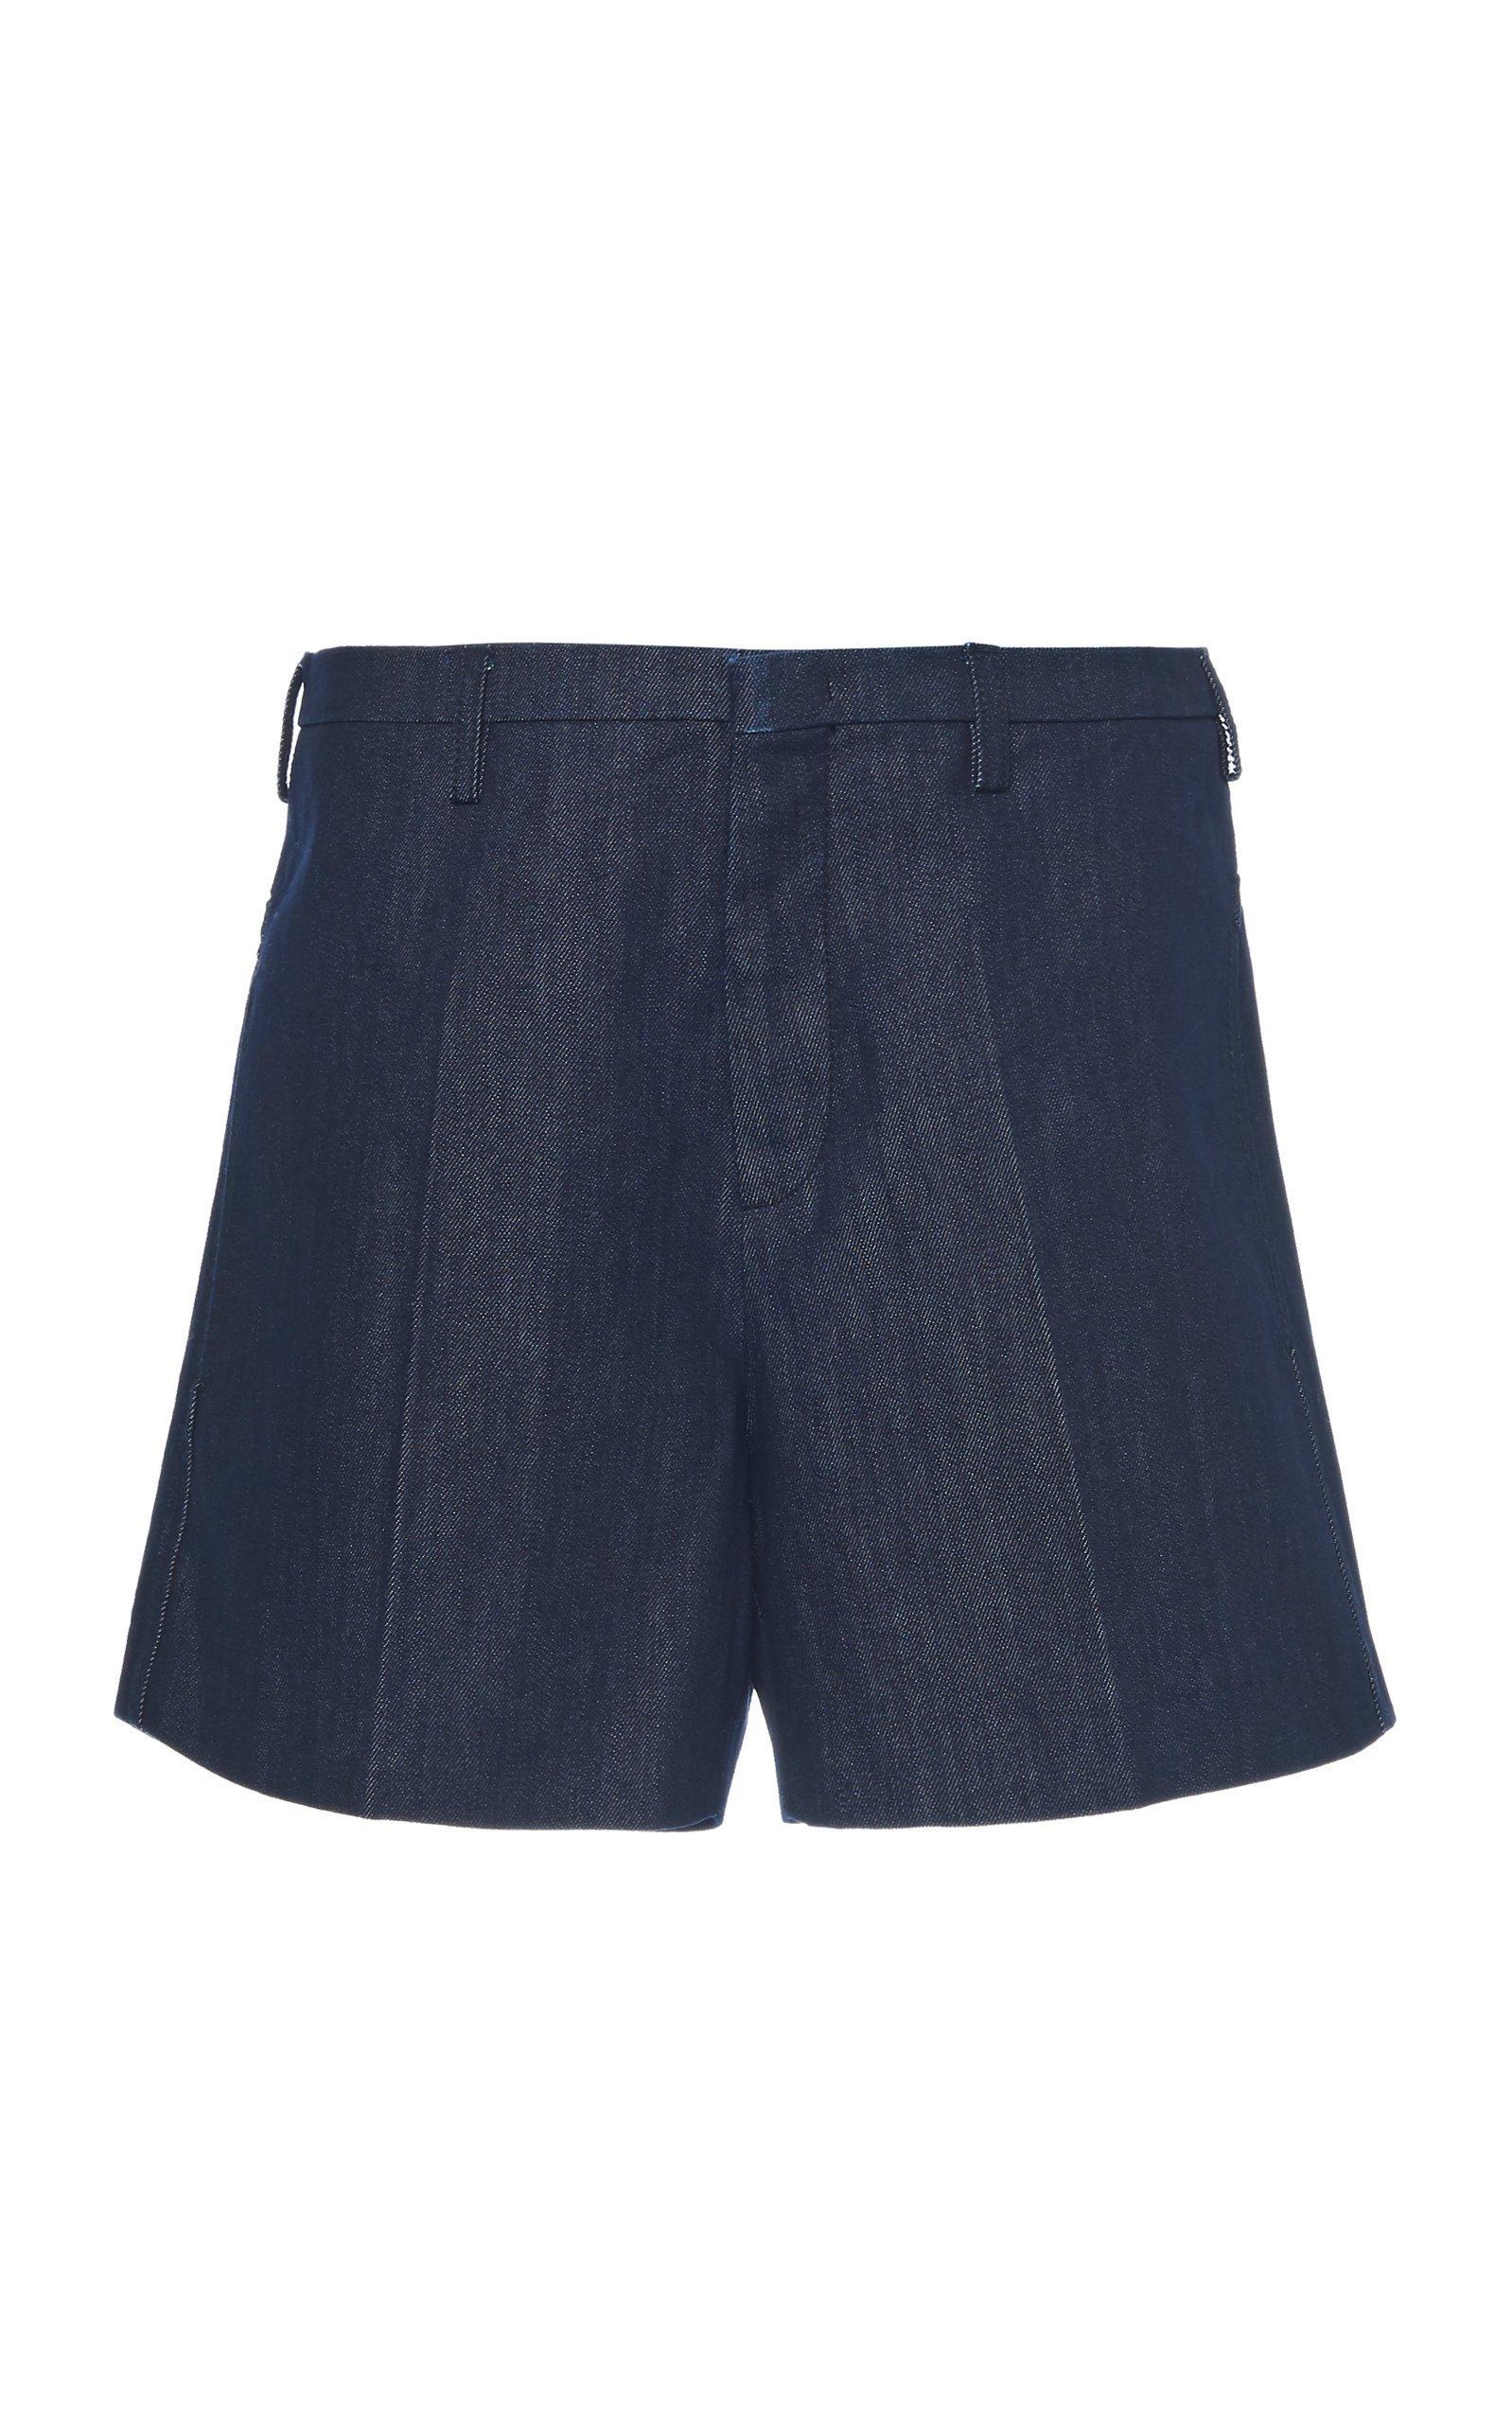 N°21 Mid-Rise Denim Shorts Size: 36